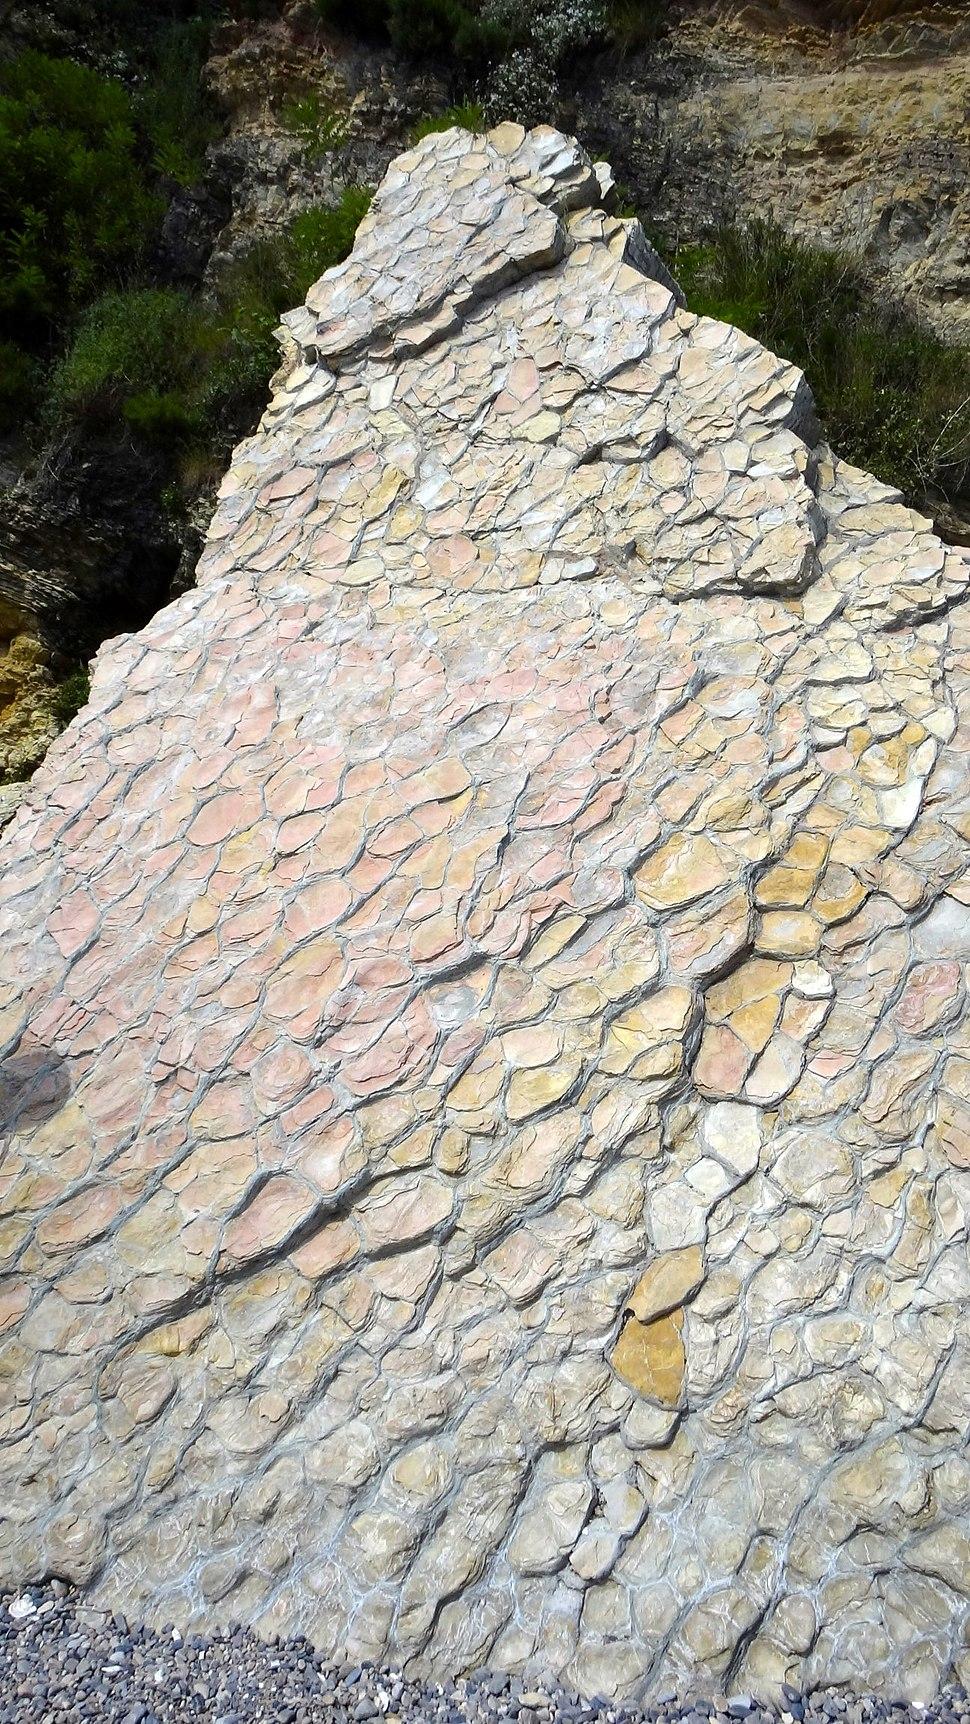 大连国家地质公园12-龟背石